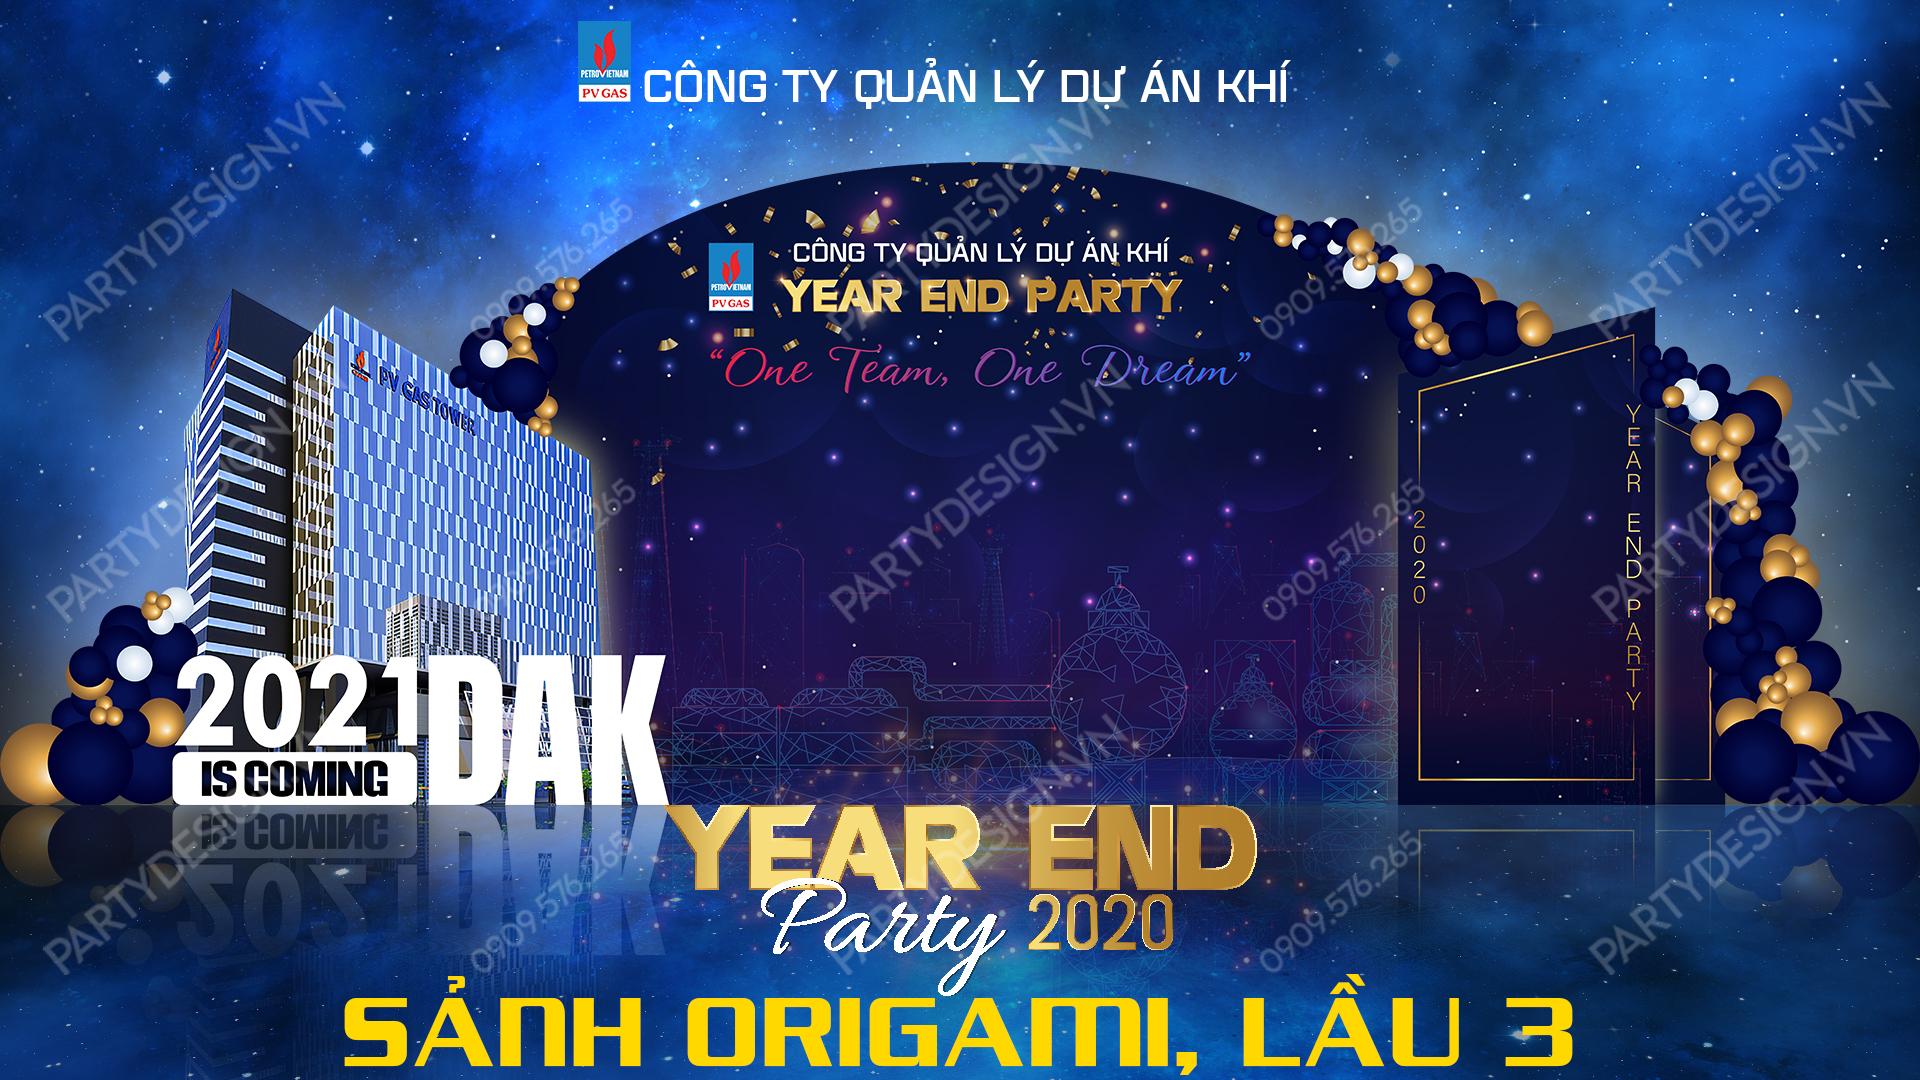 Thiết kế hình ảnh Year End Party chiếu tại sảnh khách sạn, thang máy kích thước 1920 x 1080